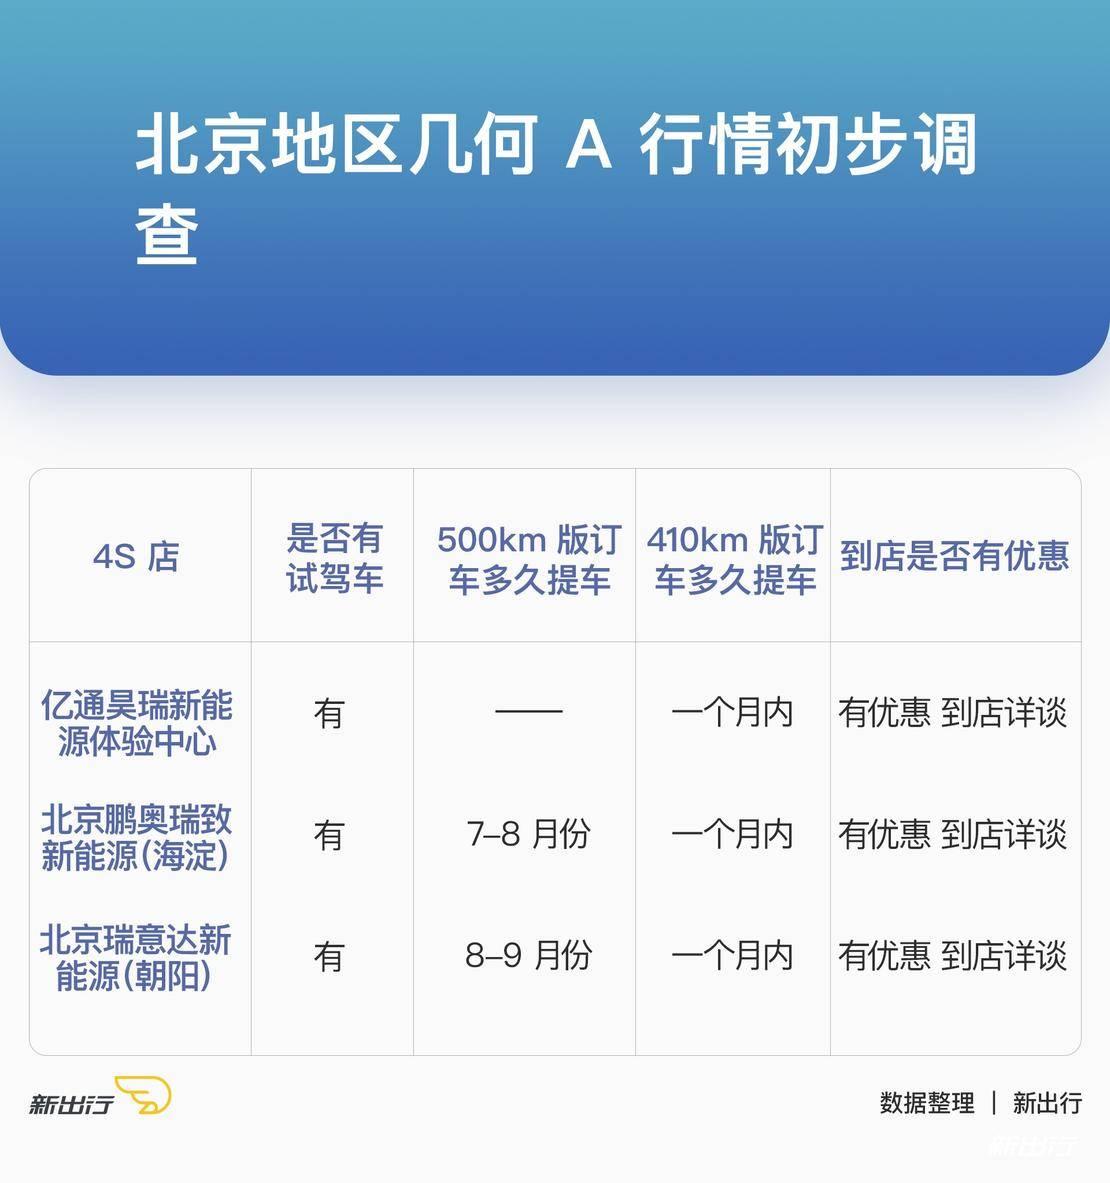 几何-A-北京地区行情调查.jpg